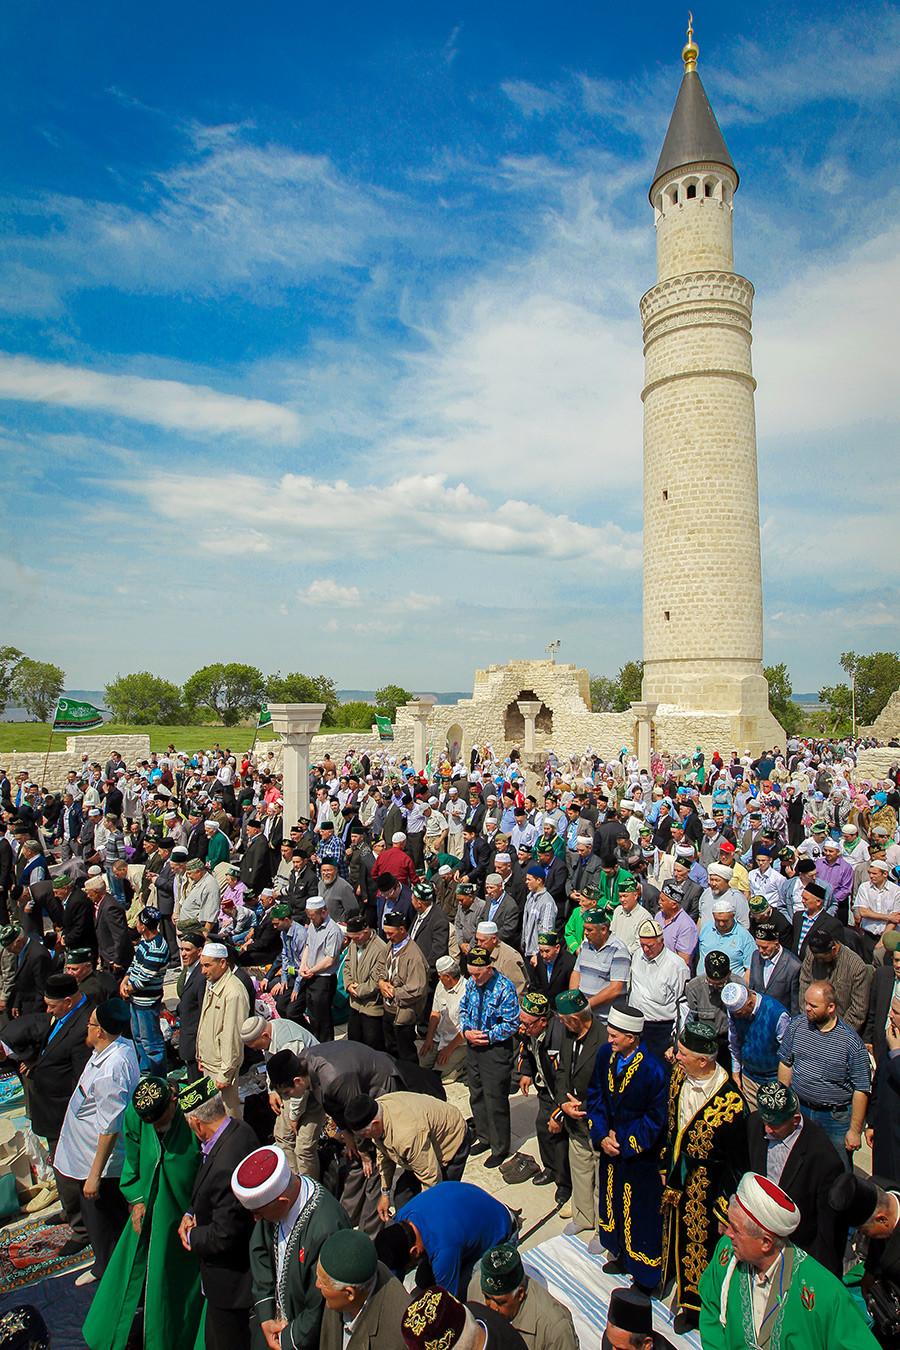 Masyarakat muslim melaksanakan ibadah salat berjamaah selama perayaan peringatan pengadopsian Islam yang ke-1124 oleh Bulgaria Volga.